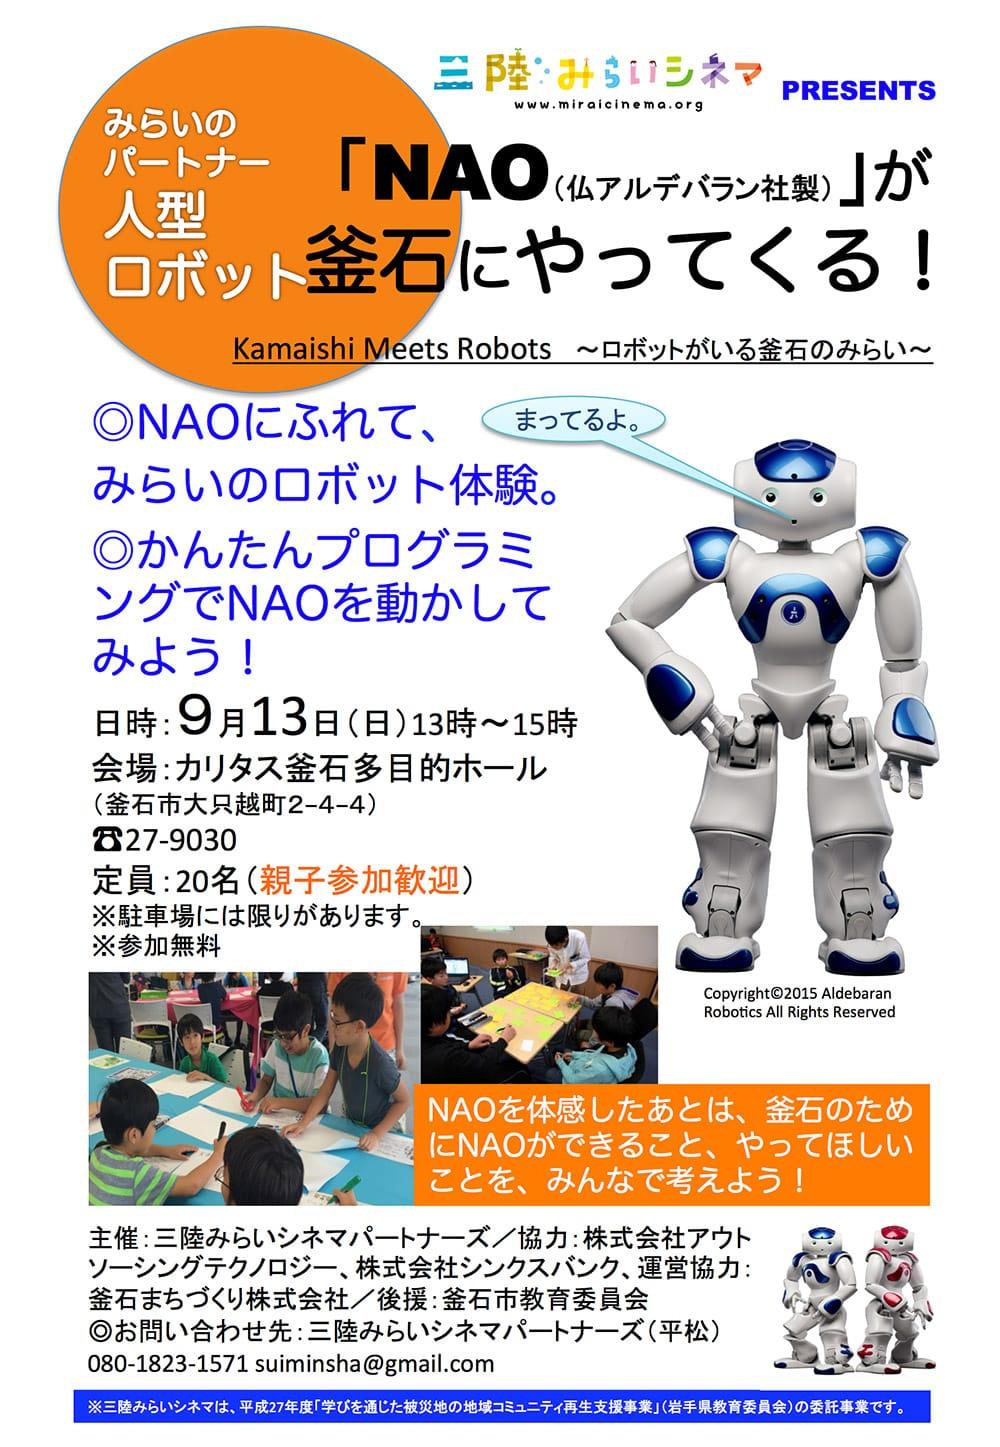 人型ロボットNAO(ナオ)体験イベント